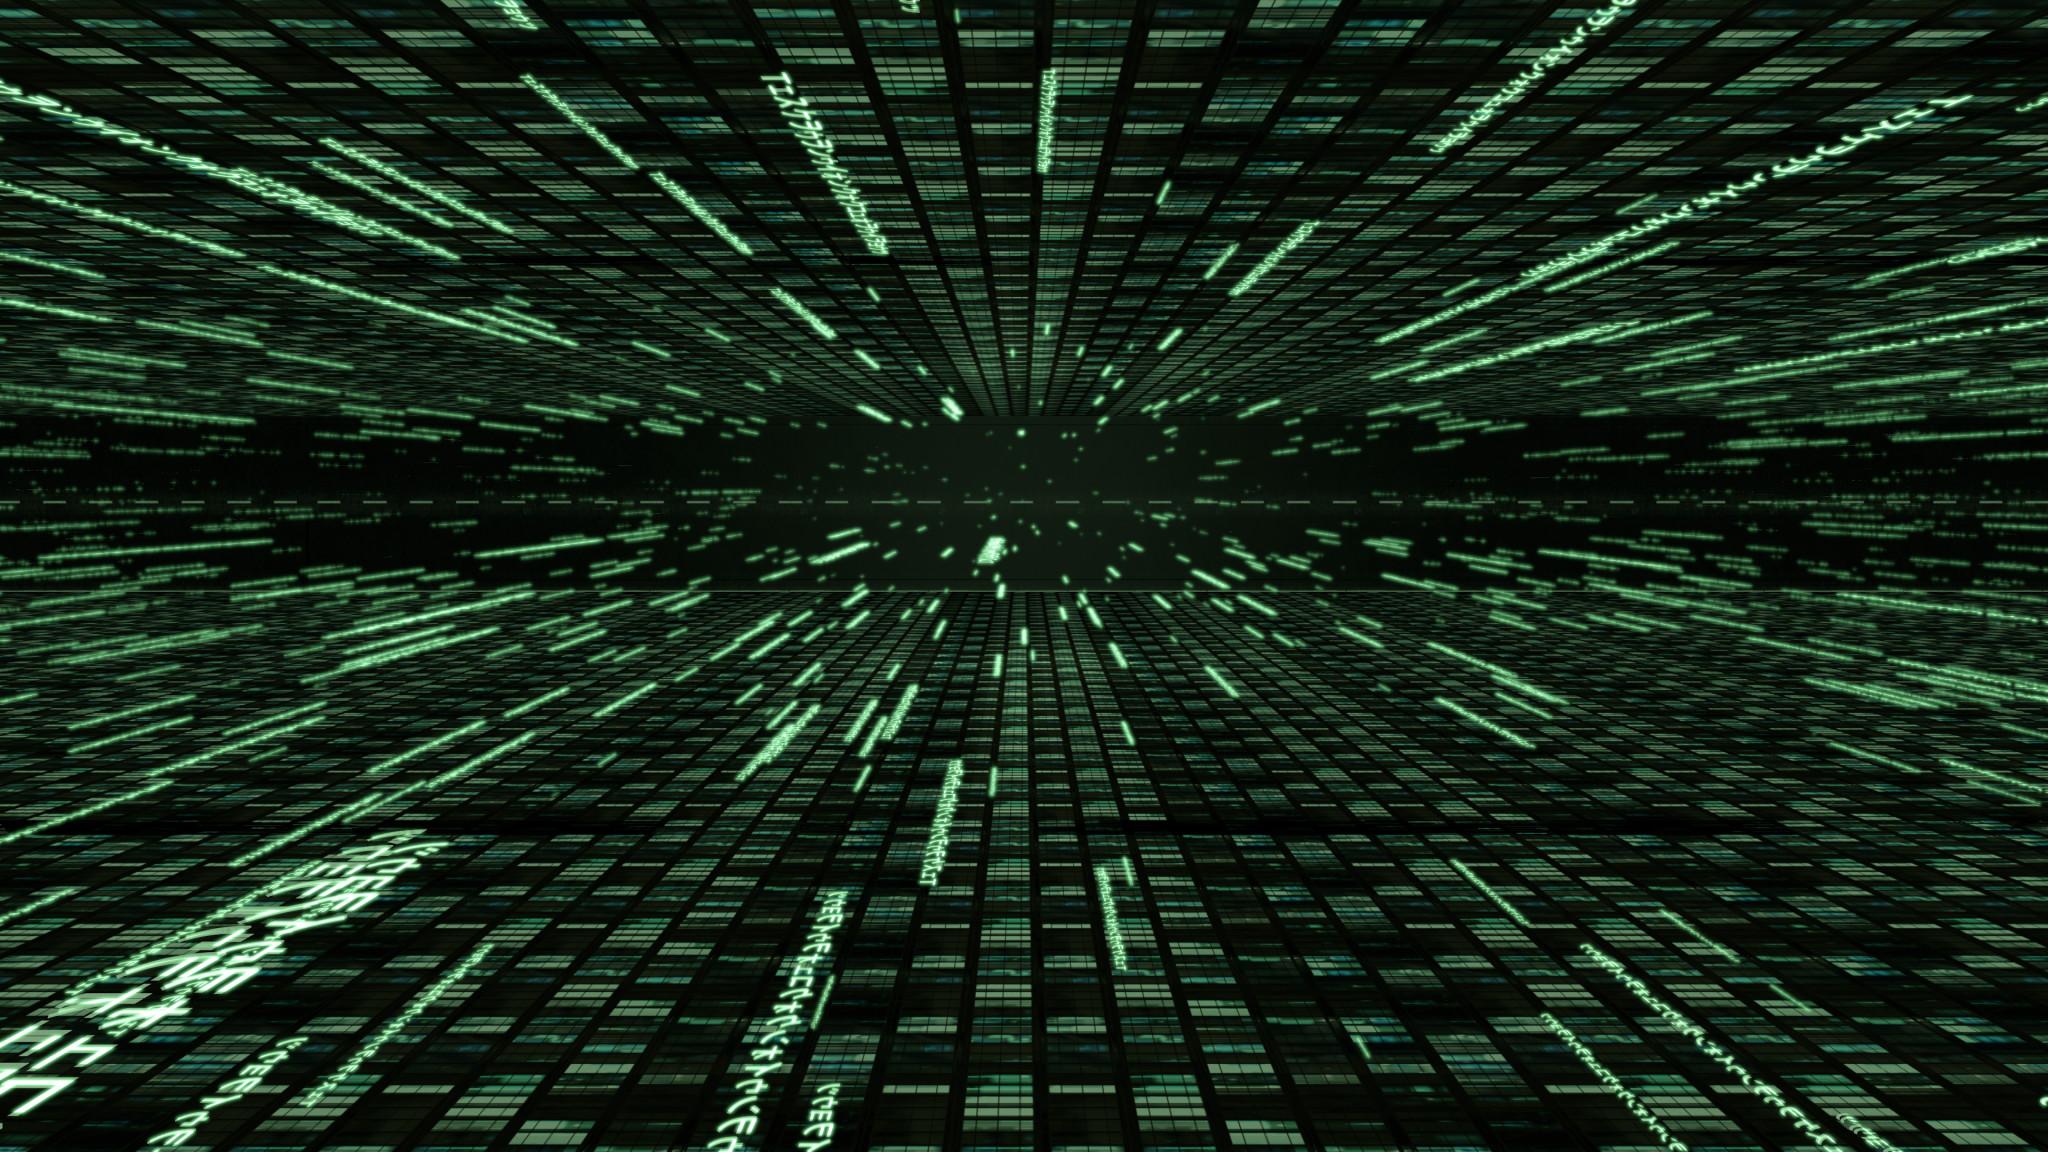 Matrix Falling Code Wallpaper Matrix Code Wallpaper Hd 65 Images